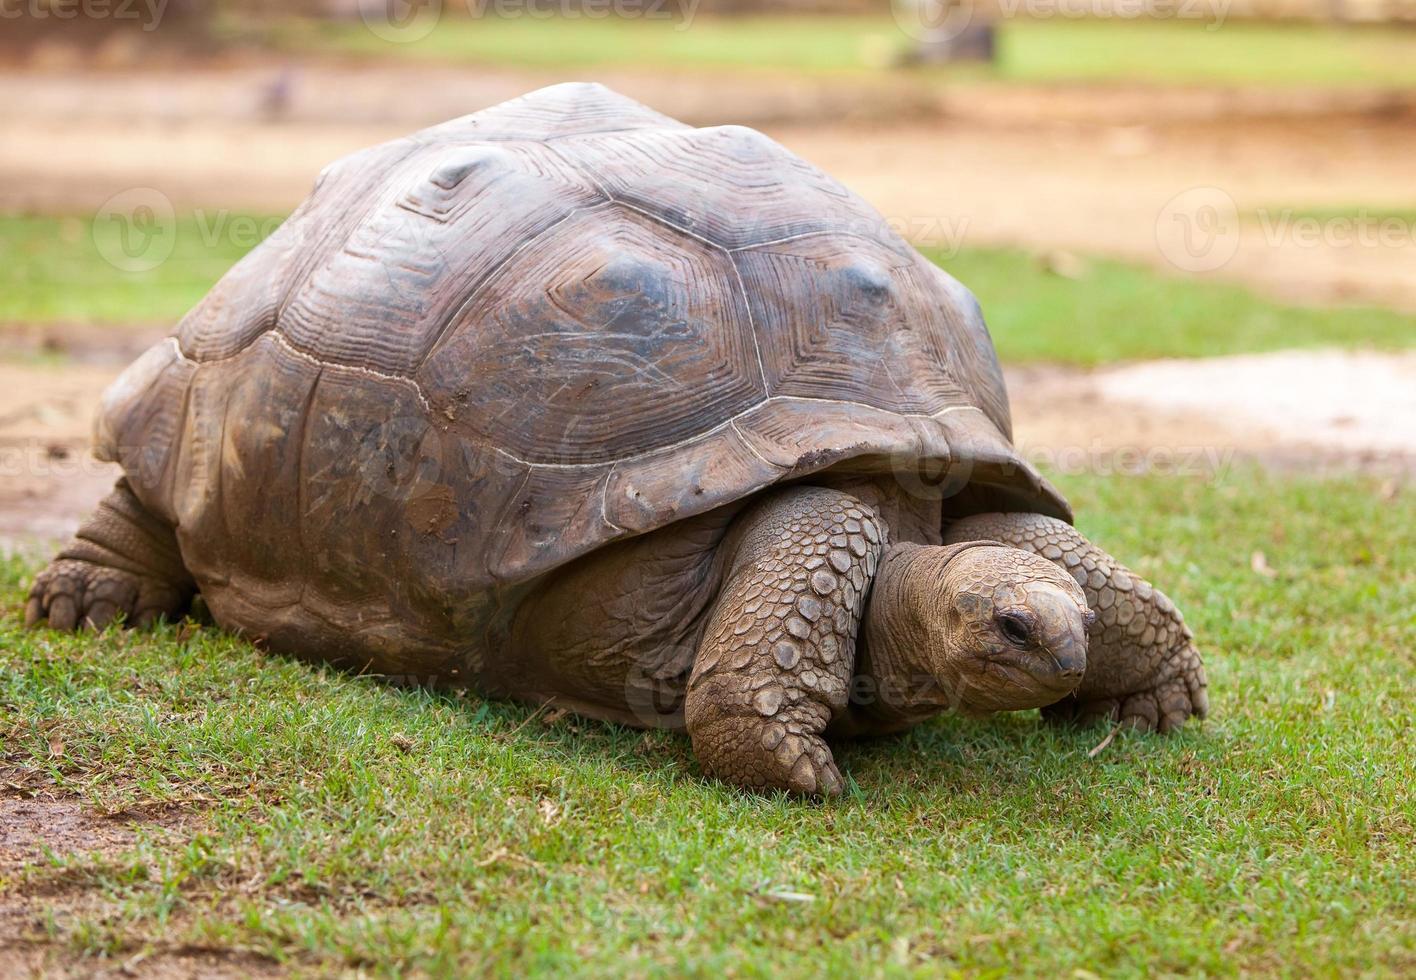 tartaruga seychelles grande no parque de reserva de la vanille. Maurícia foto